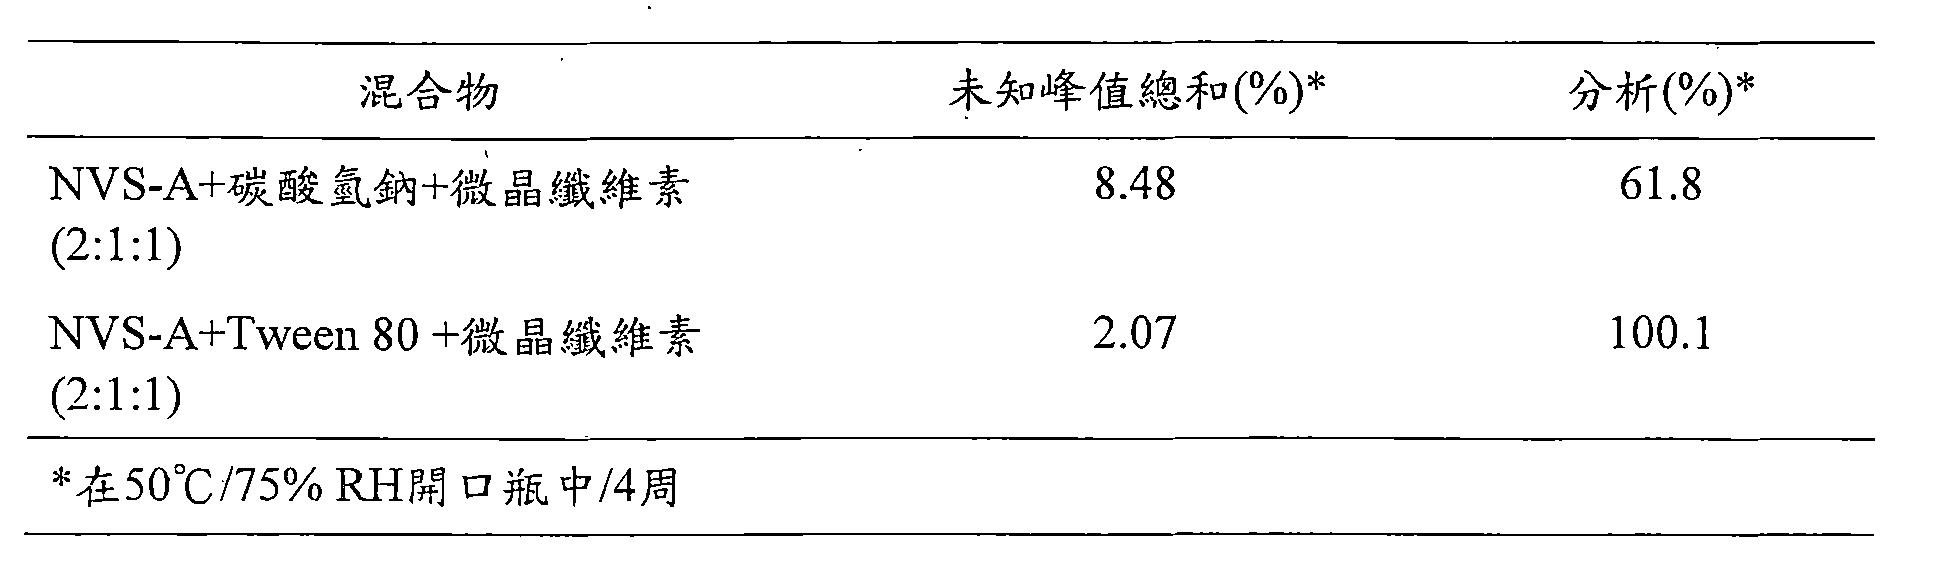 Figure TWI610672BD00011